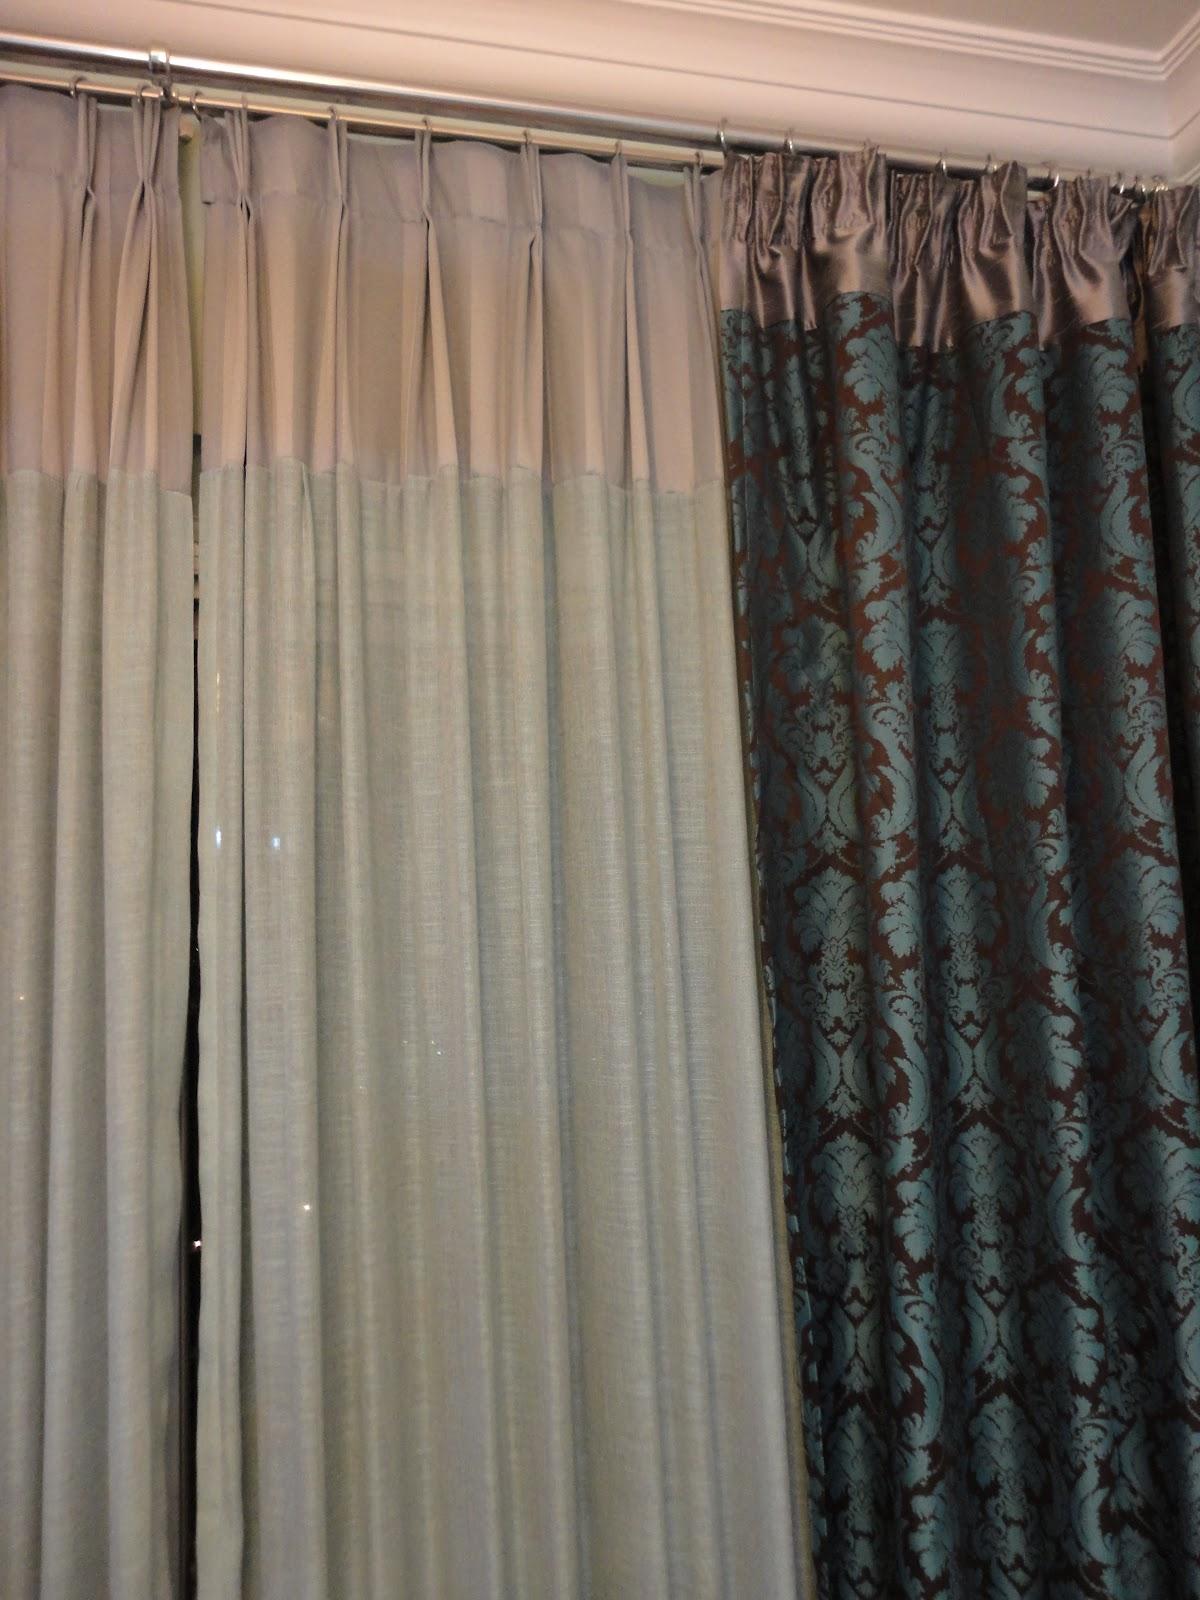 Fernando cortinas paredes um pouco sobre cortinas - Tipo de cortinas ...